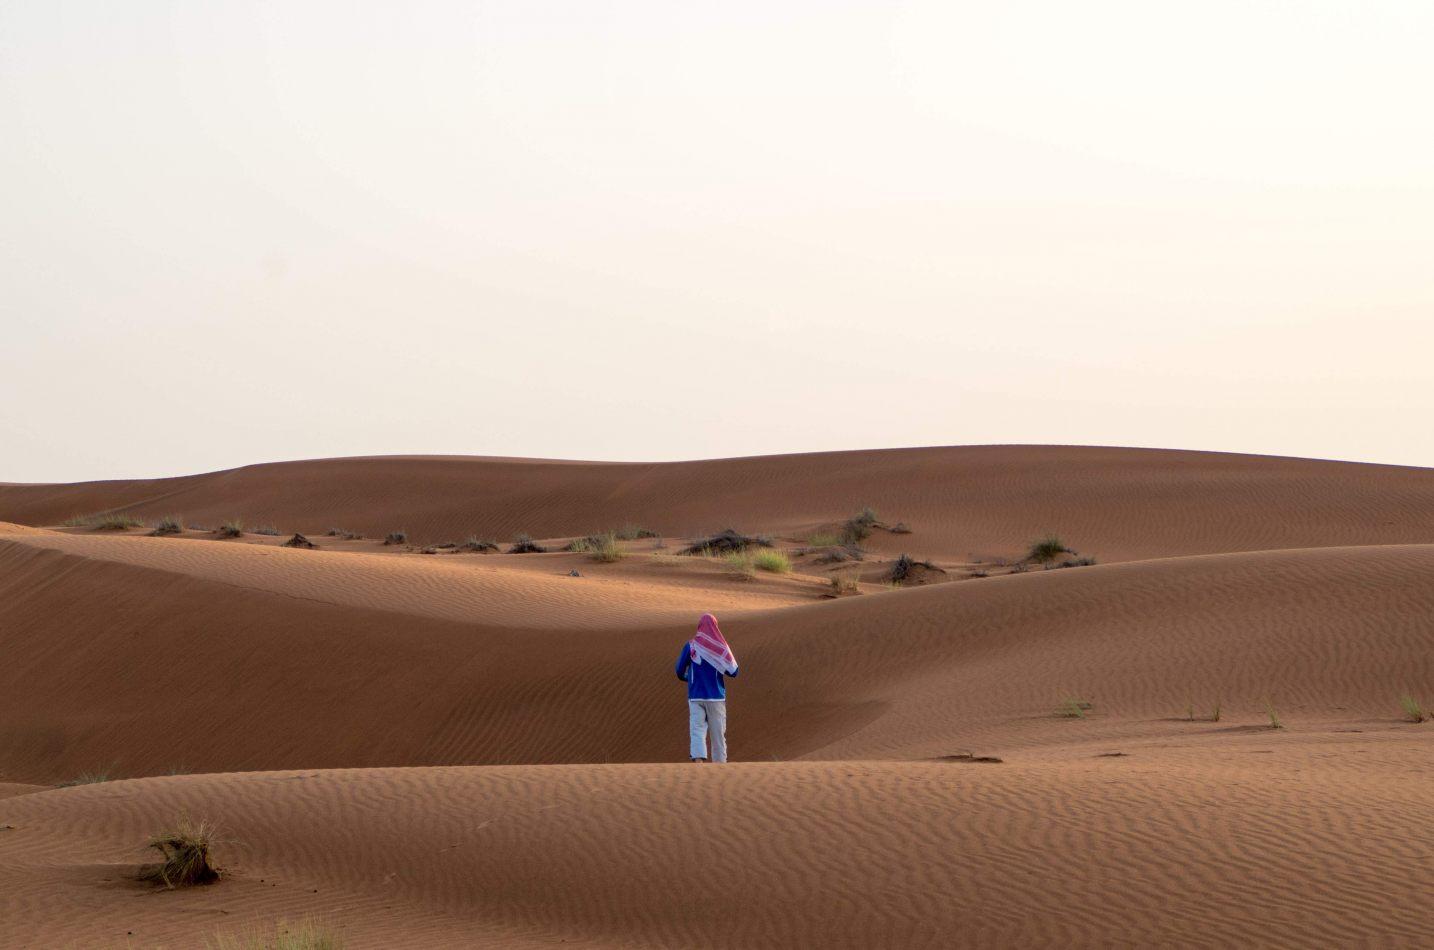 Hibiscus & Nomada : Oman - Sand Dunes